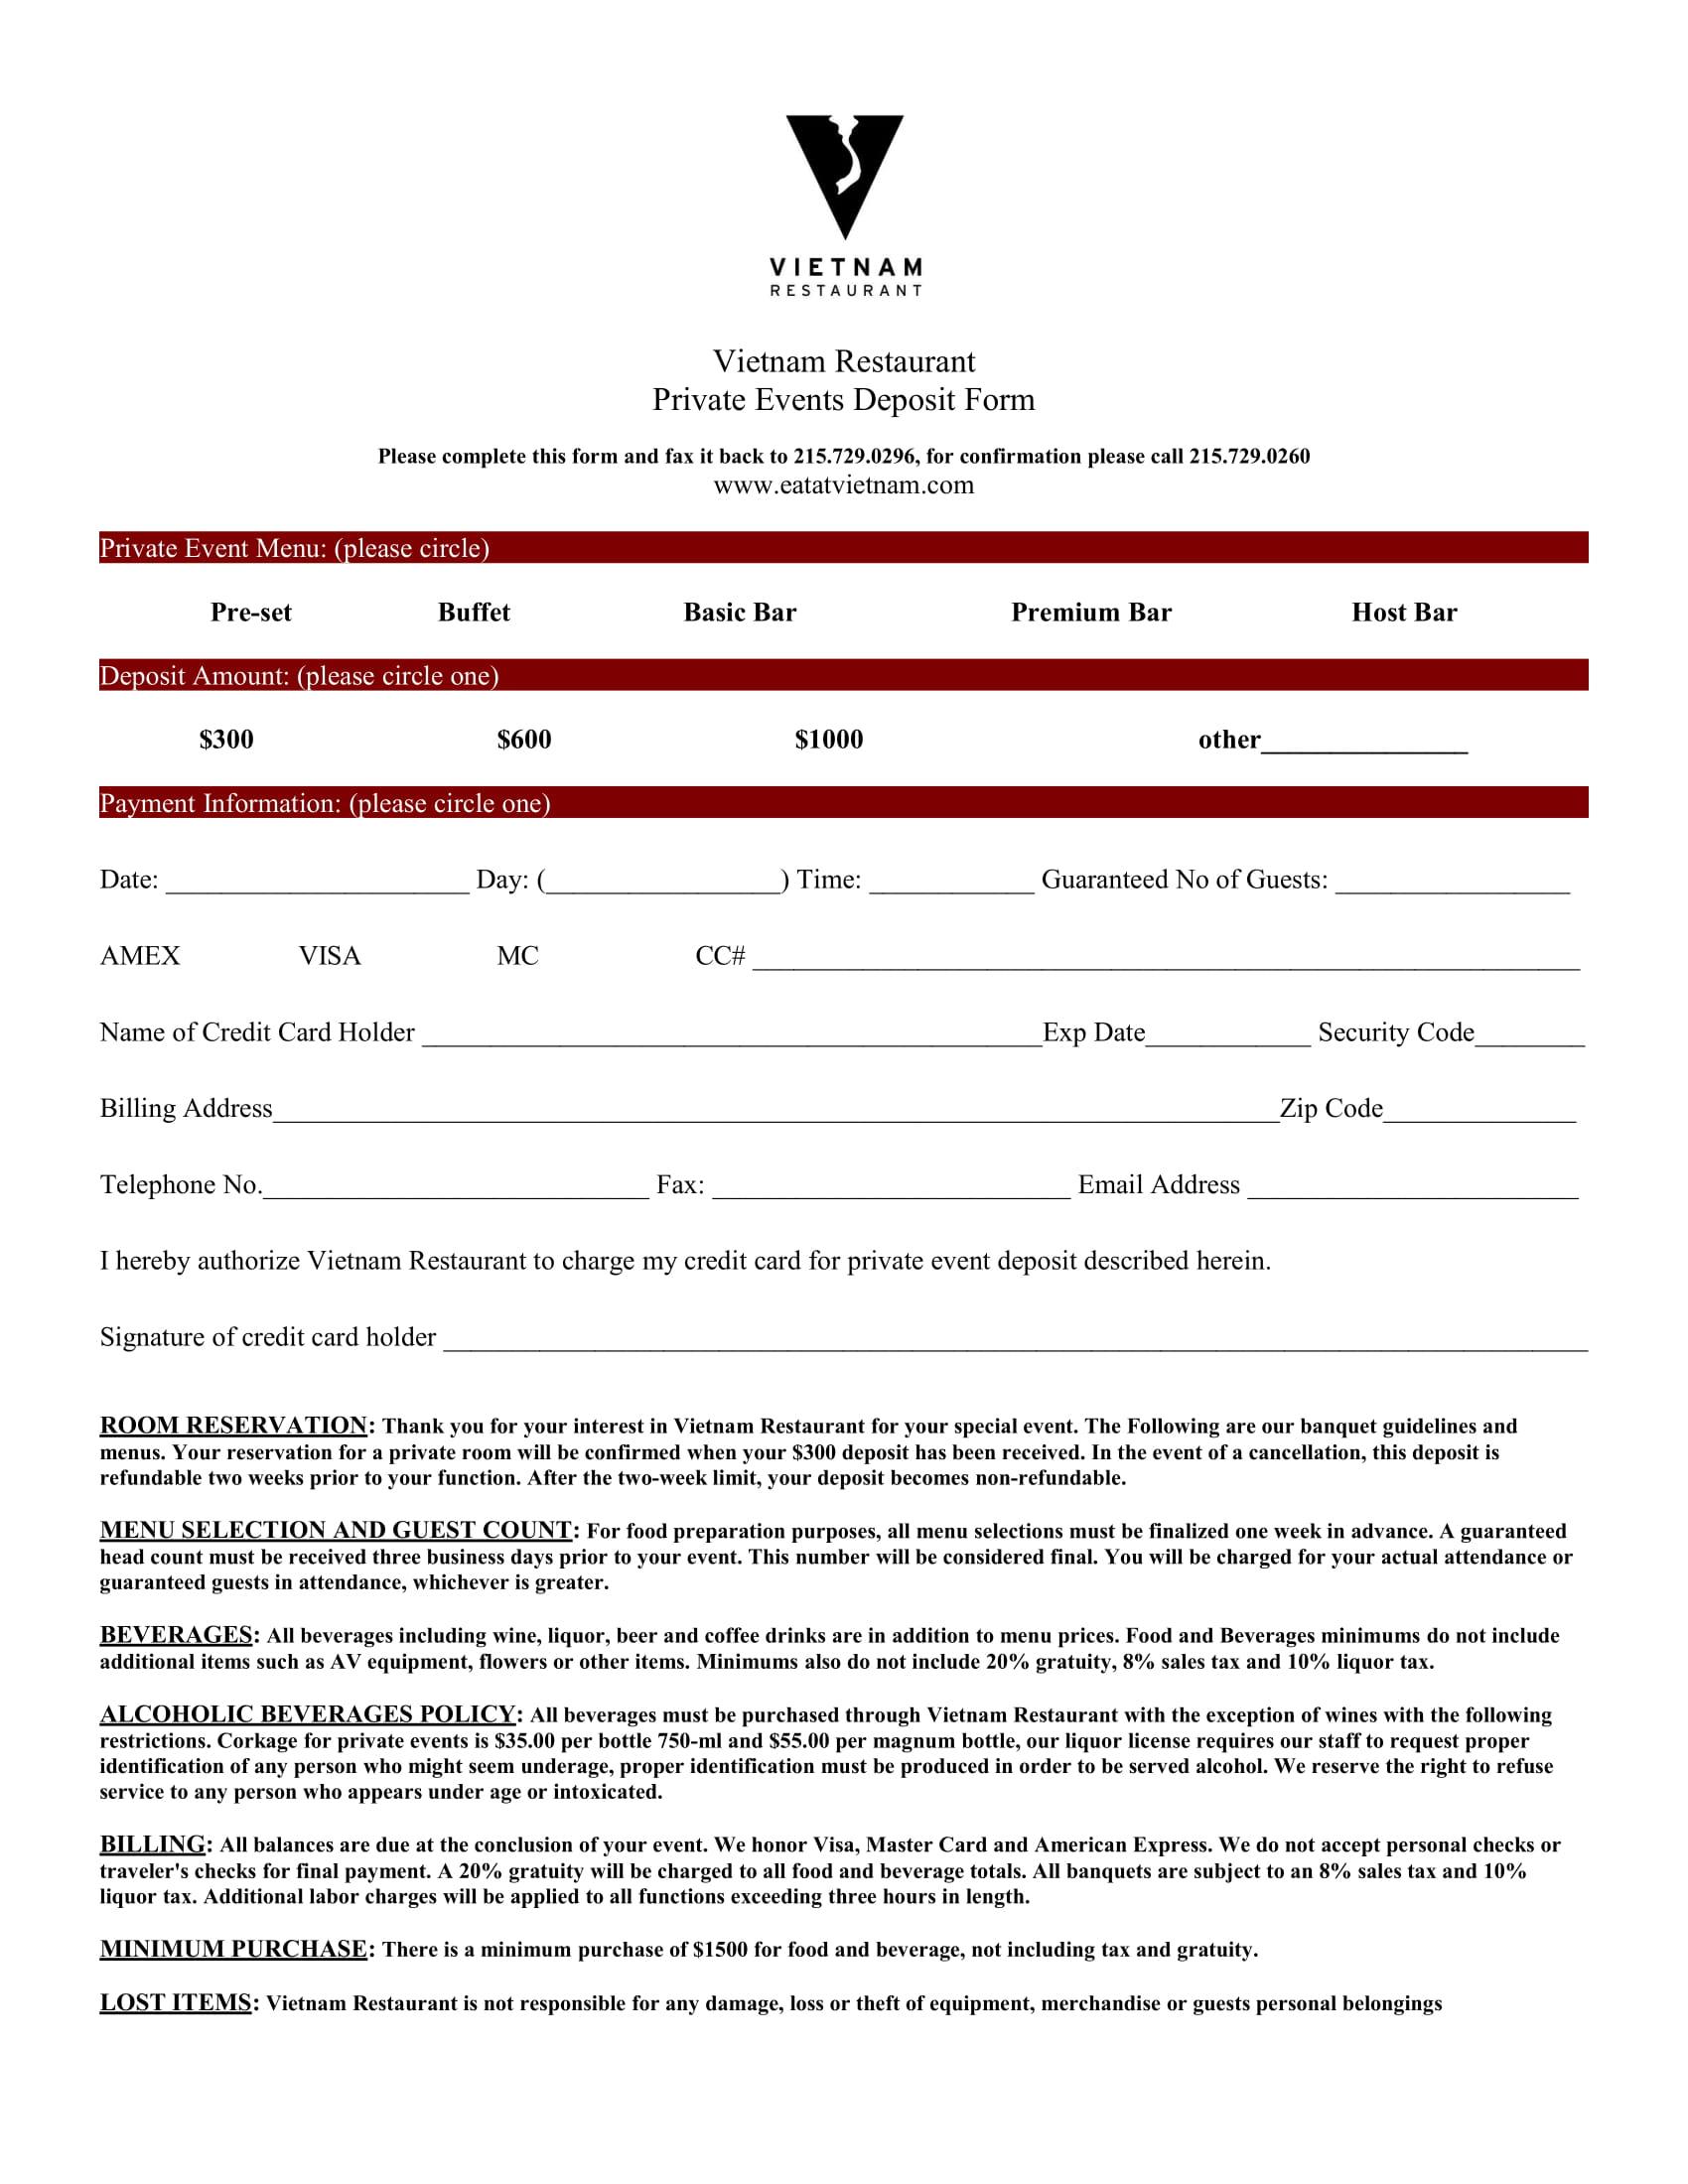 restaurant reservation deposit form 1